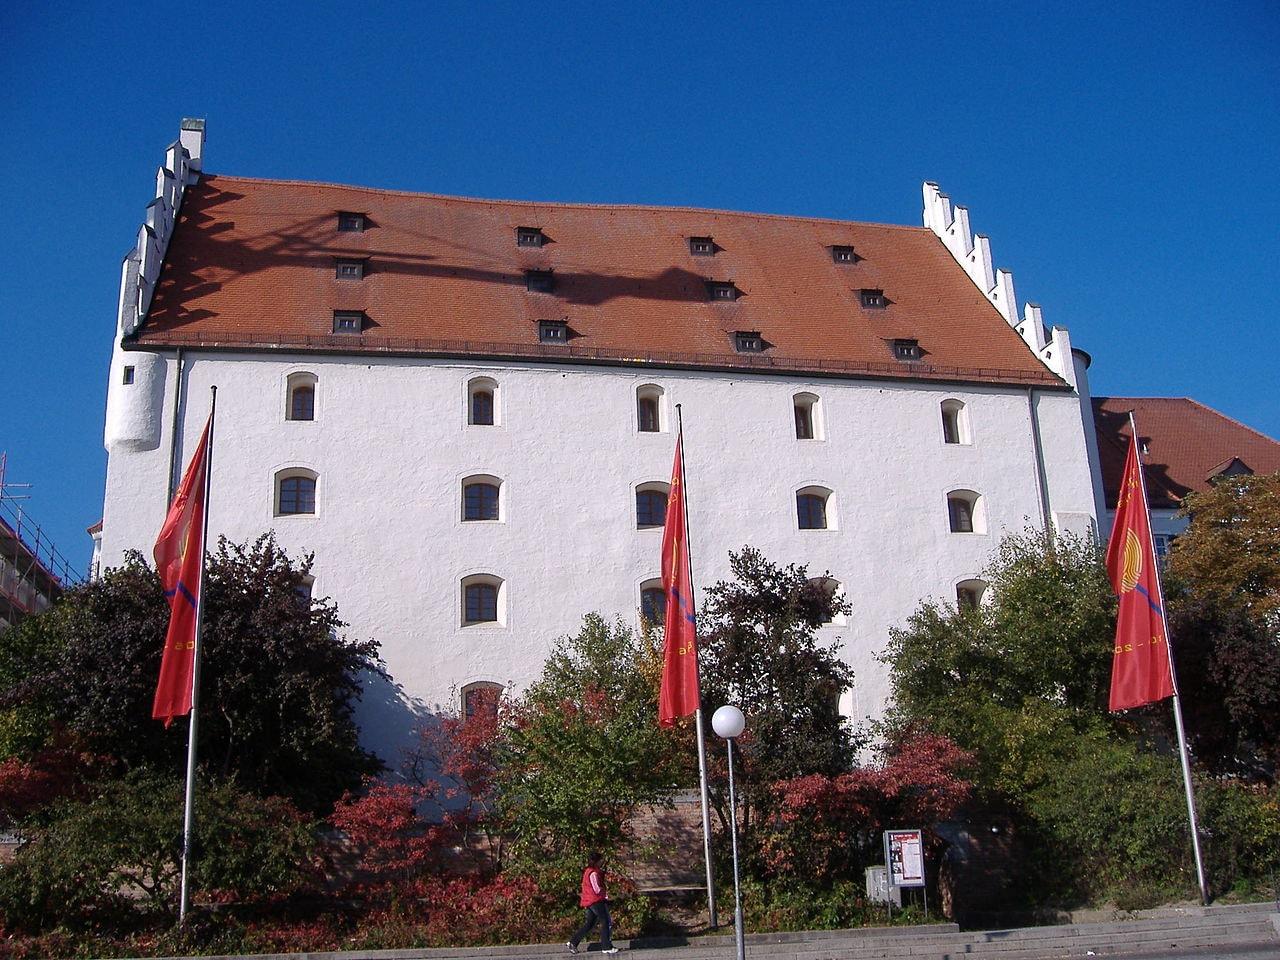 1280px-HerzogskastenIngolstadtAussen